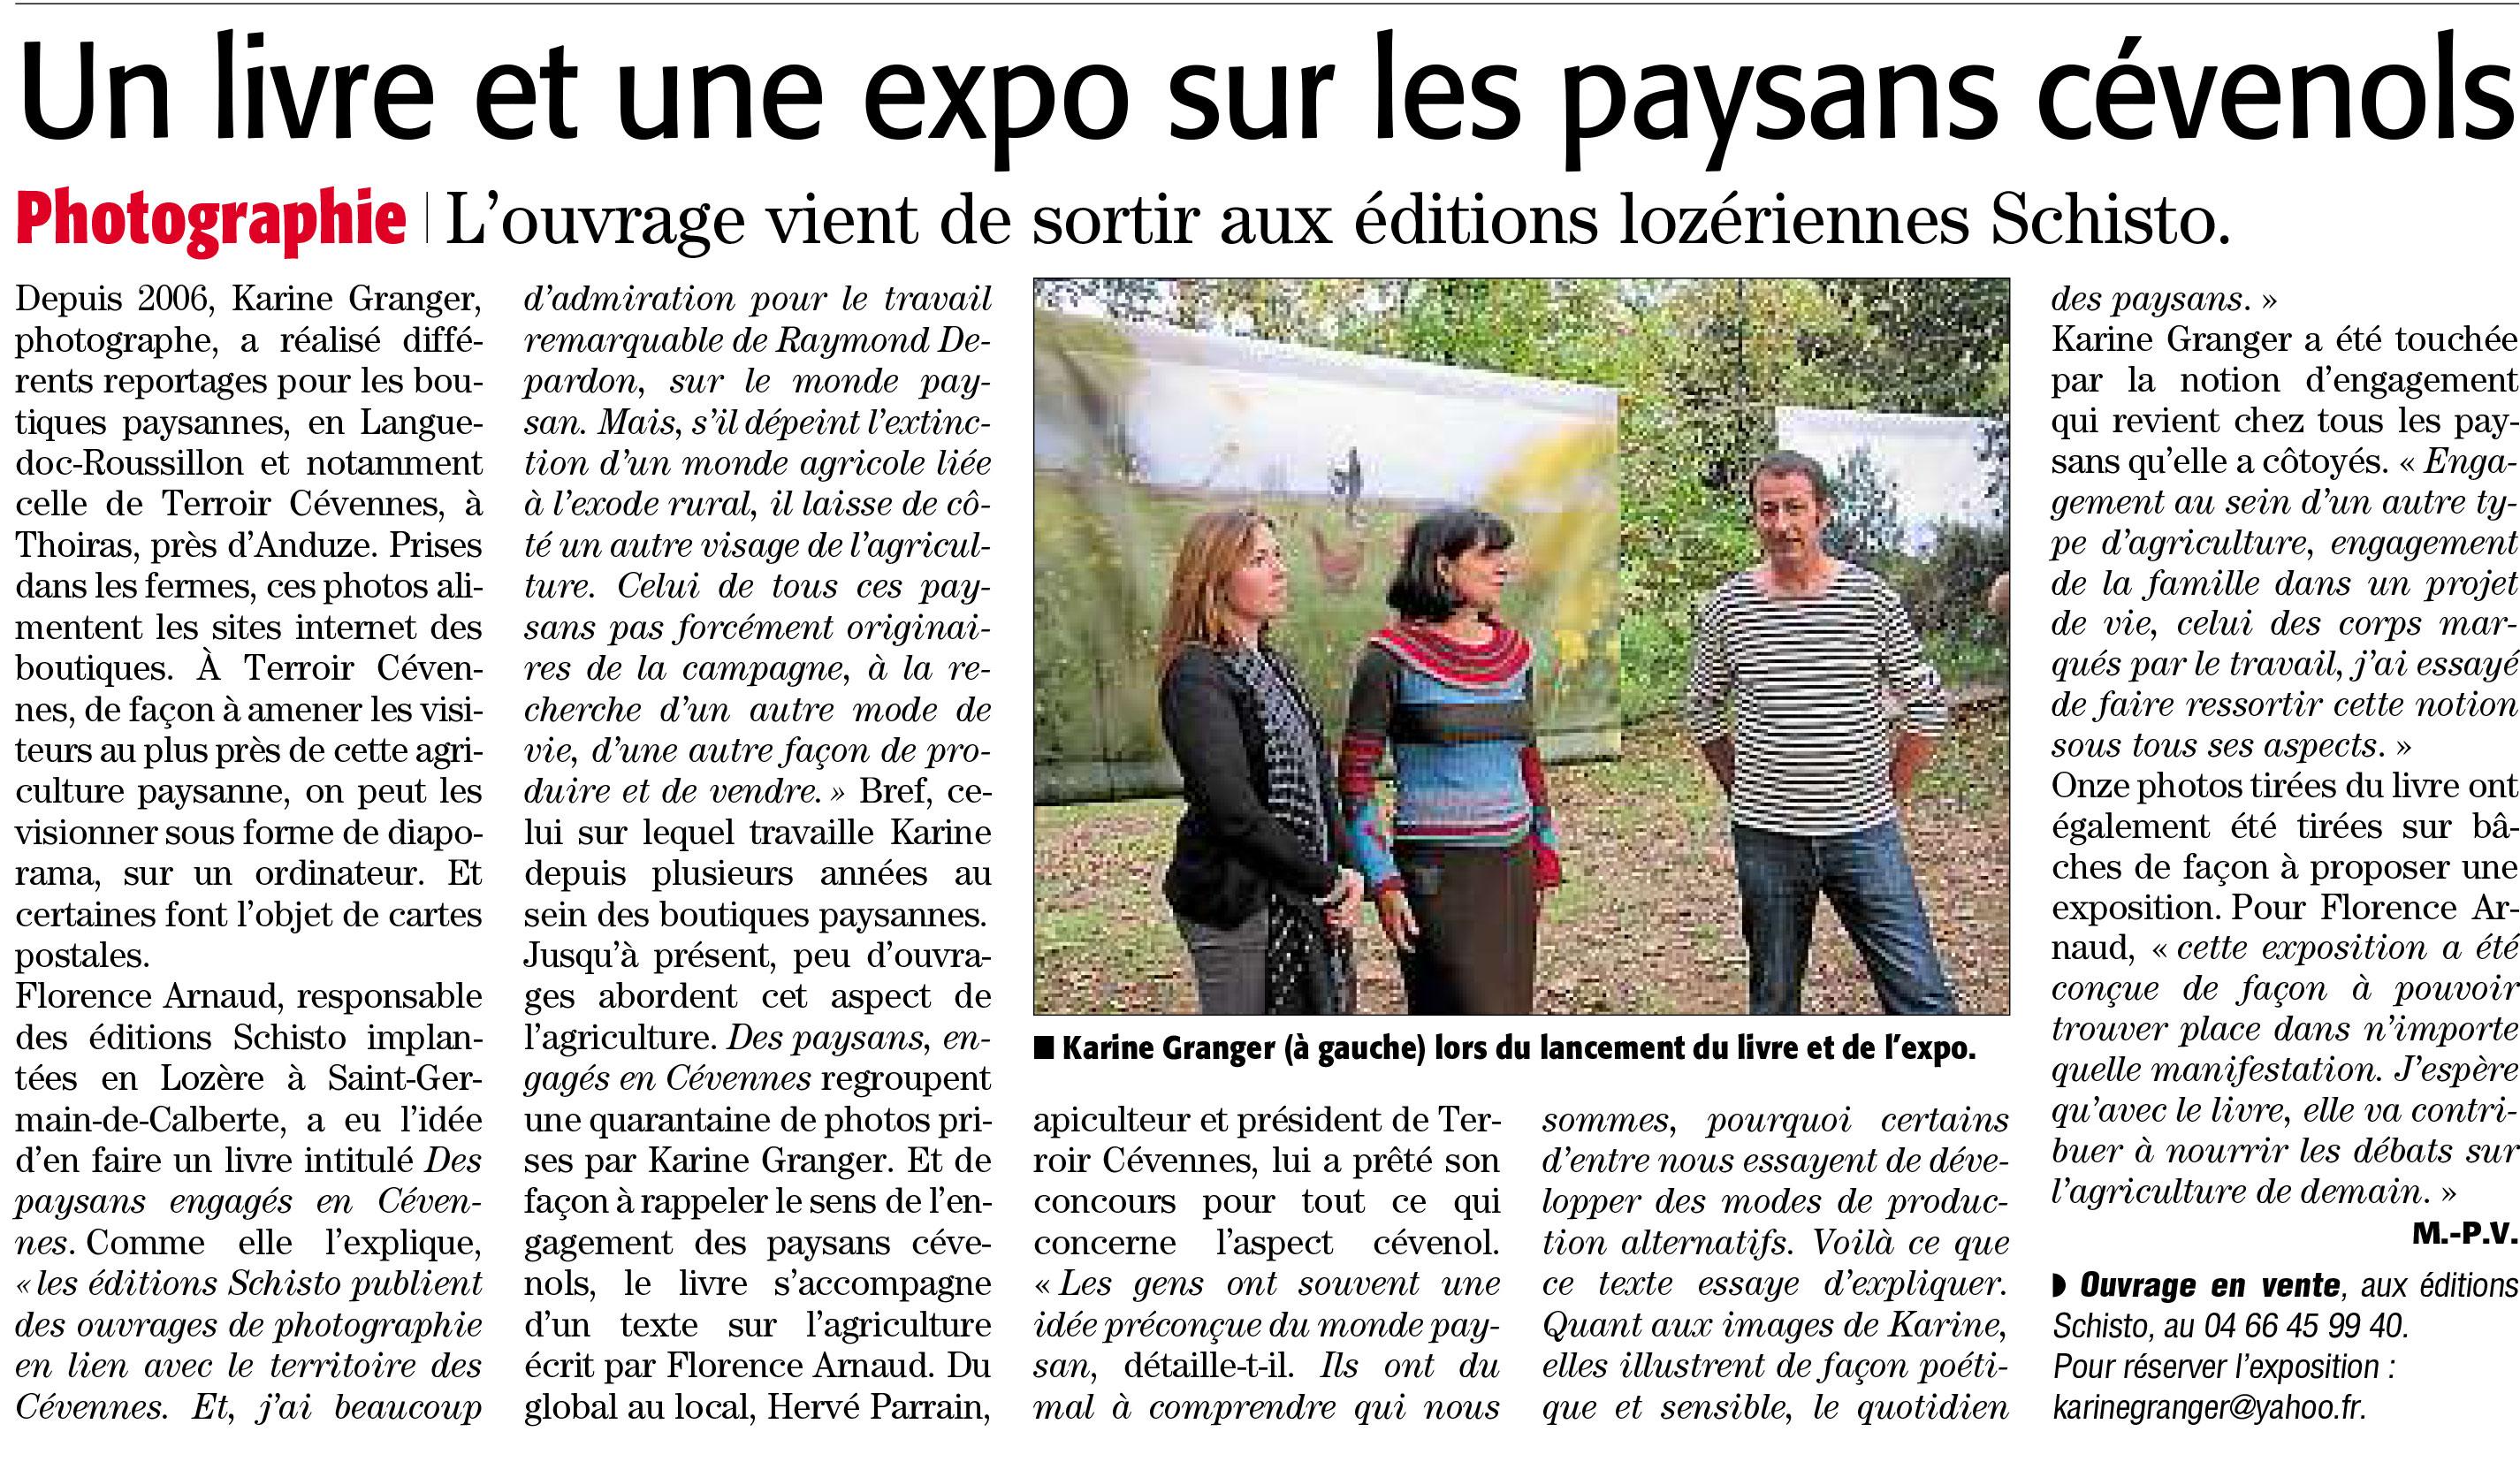 Article Midi Libre sur les paysans engagés en Cévennes.